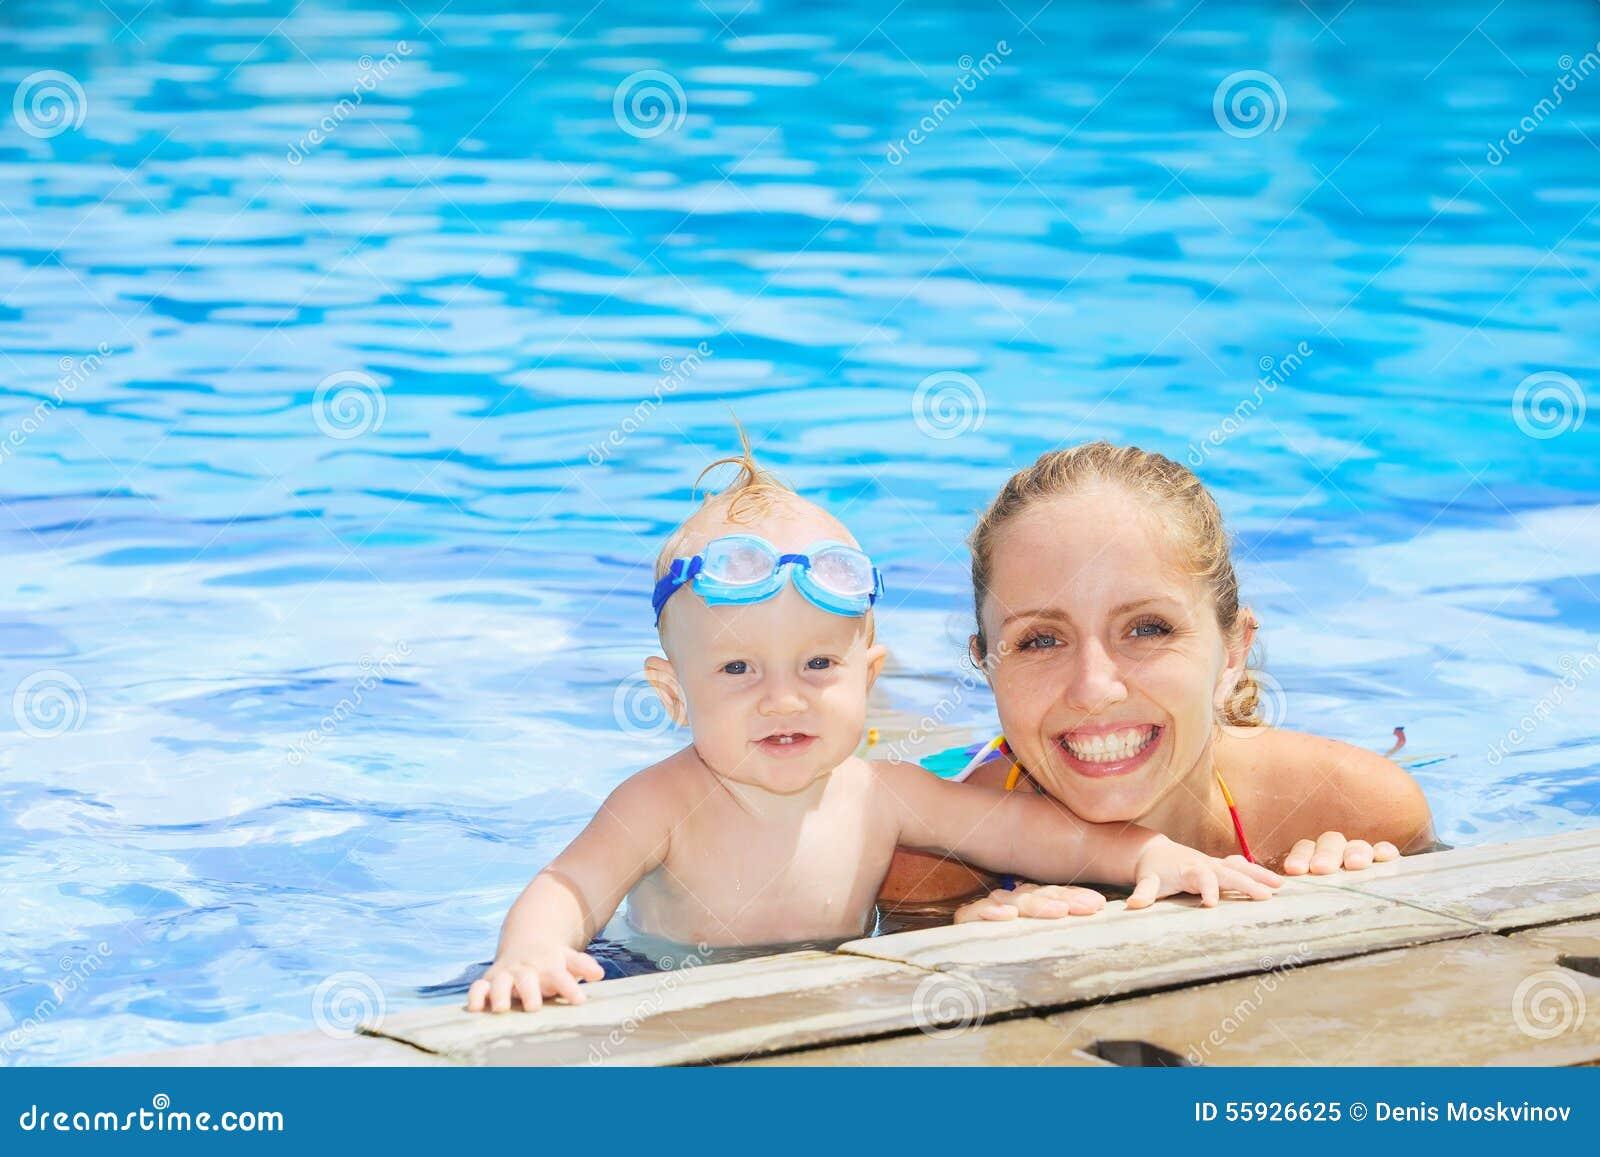 Grappig portret van babyjongen het zwemmen met moeder in pool